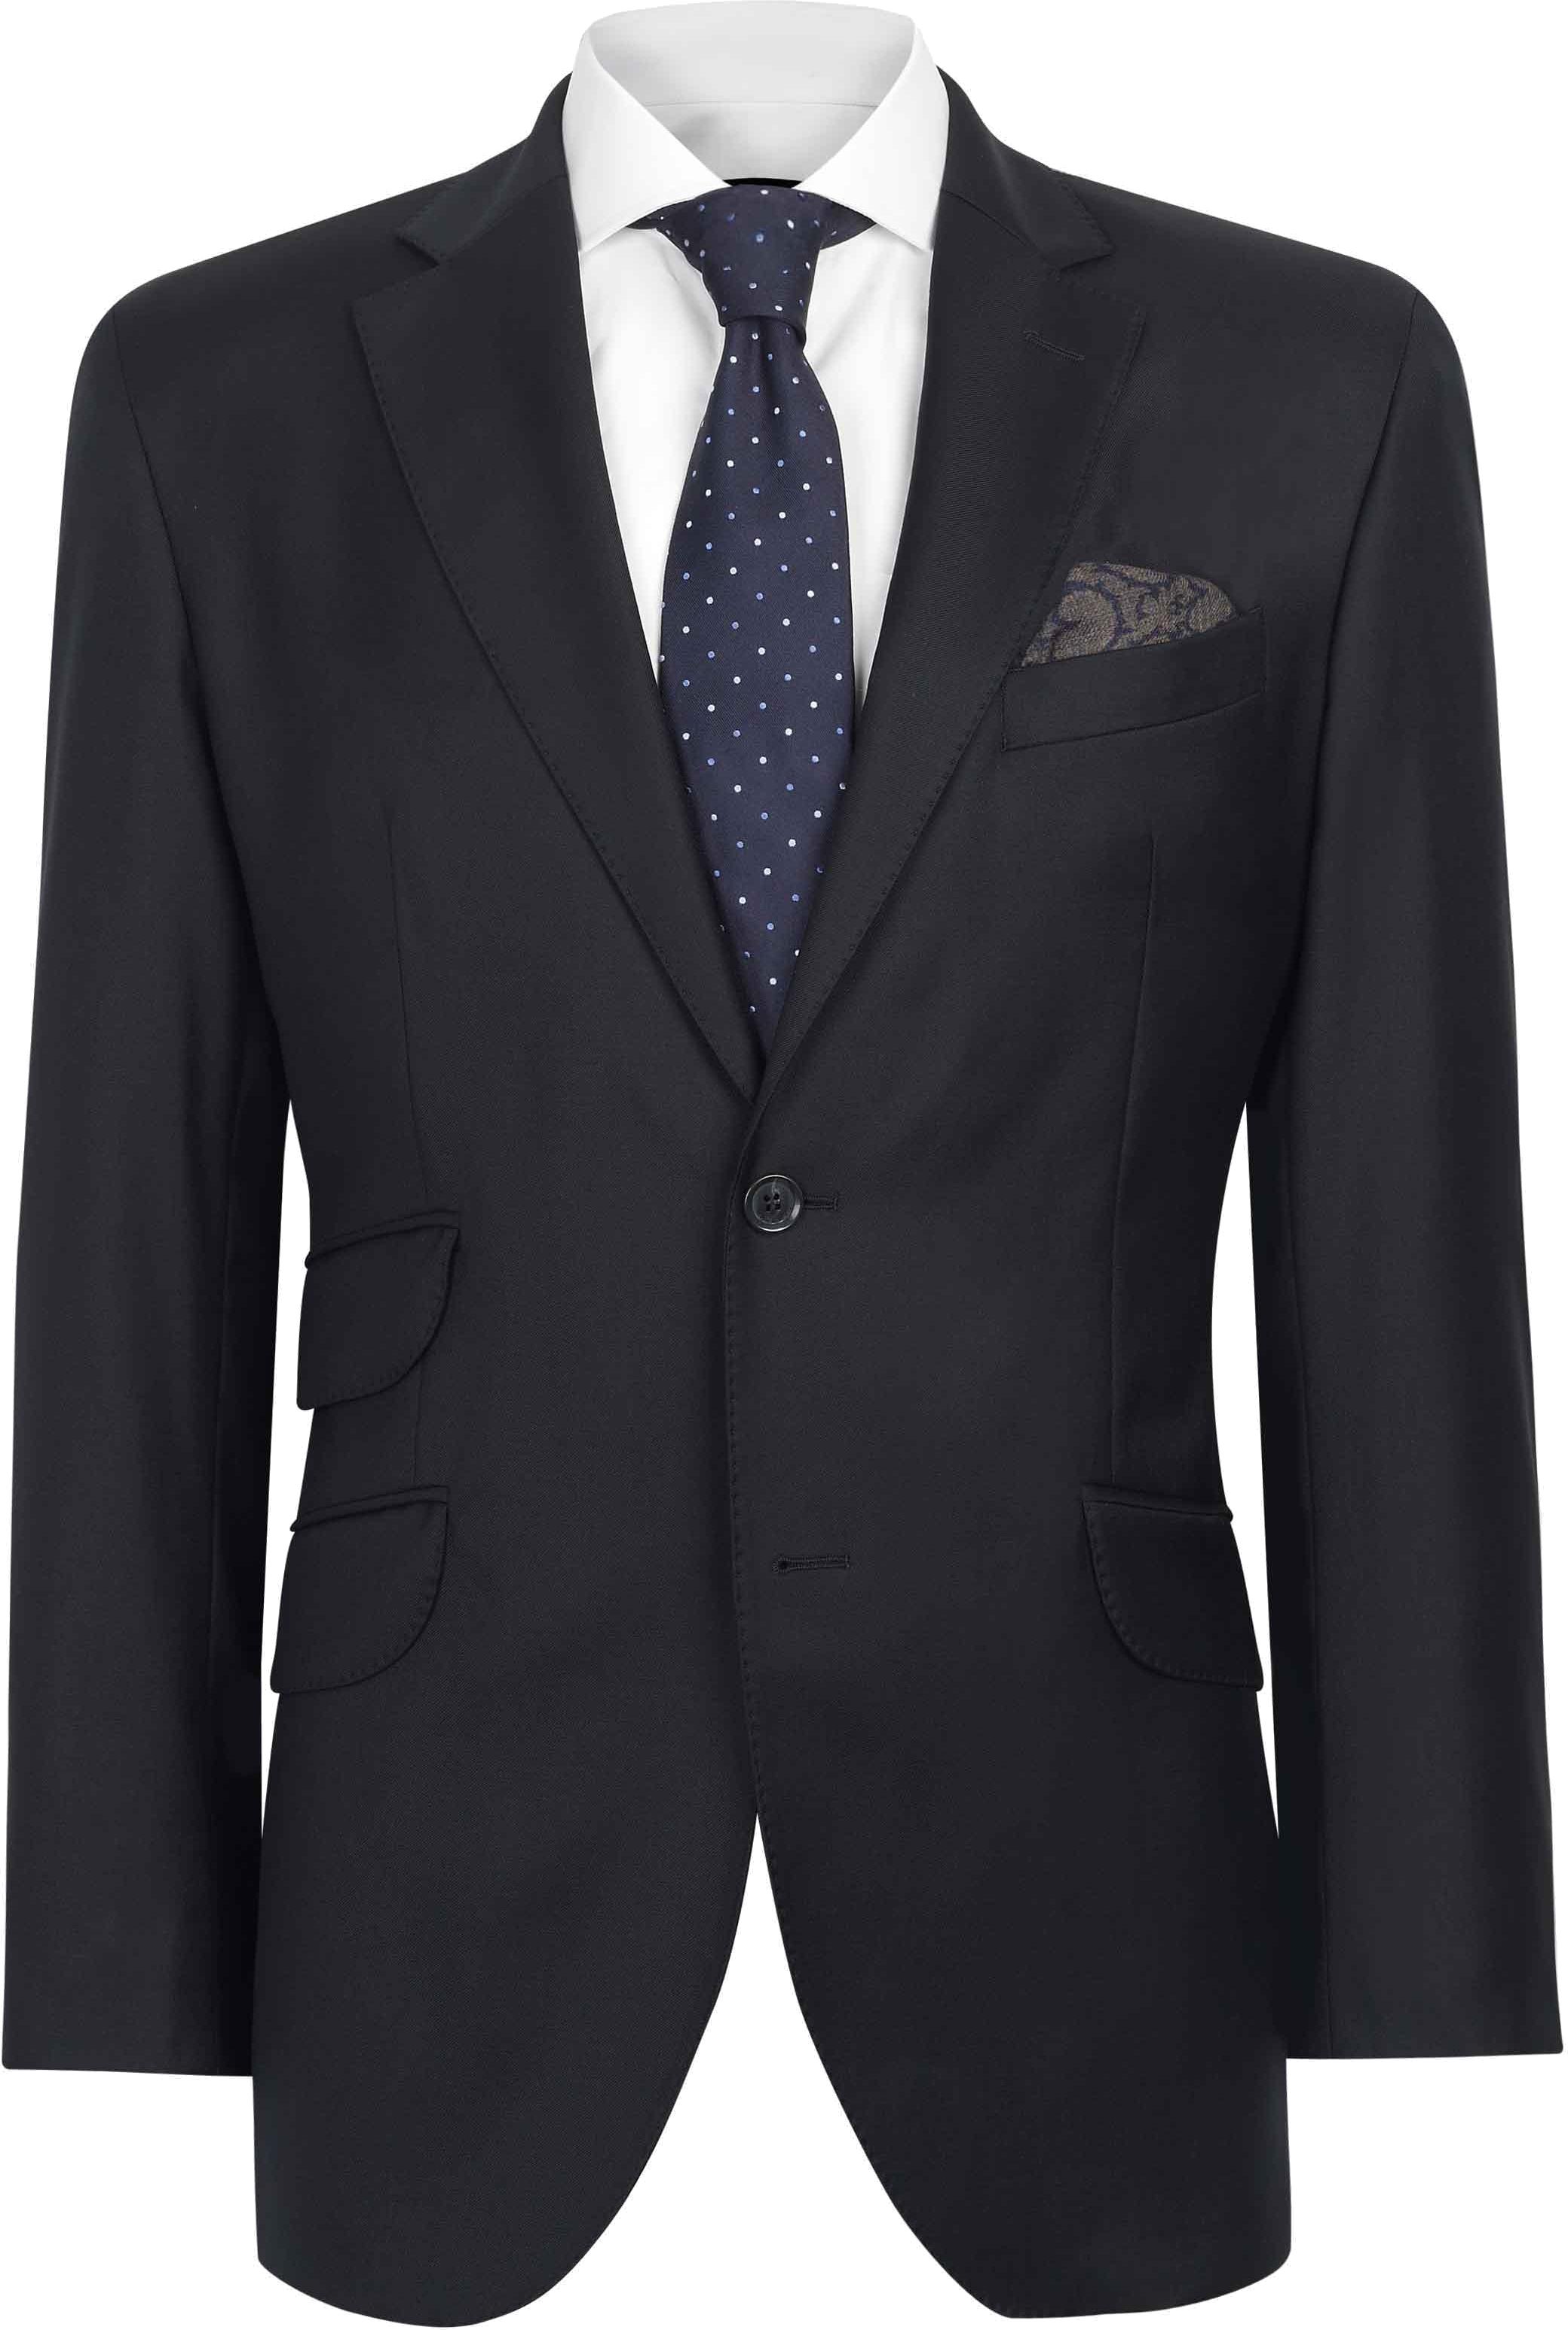 Pin By Neeraj Kumari On Suir Black Suits Suits Black